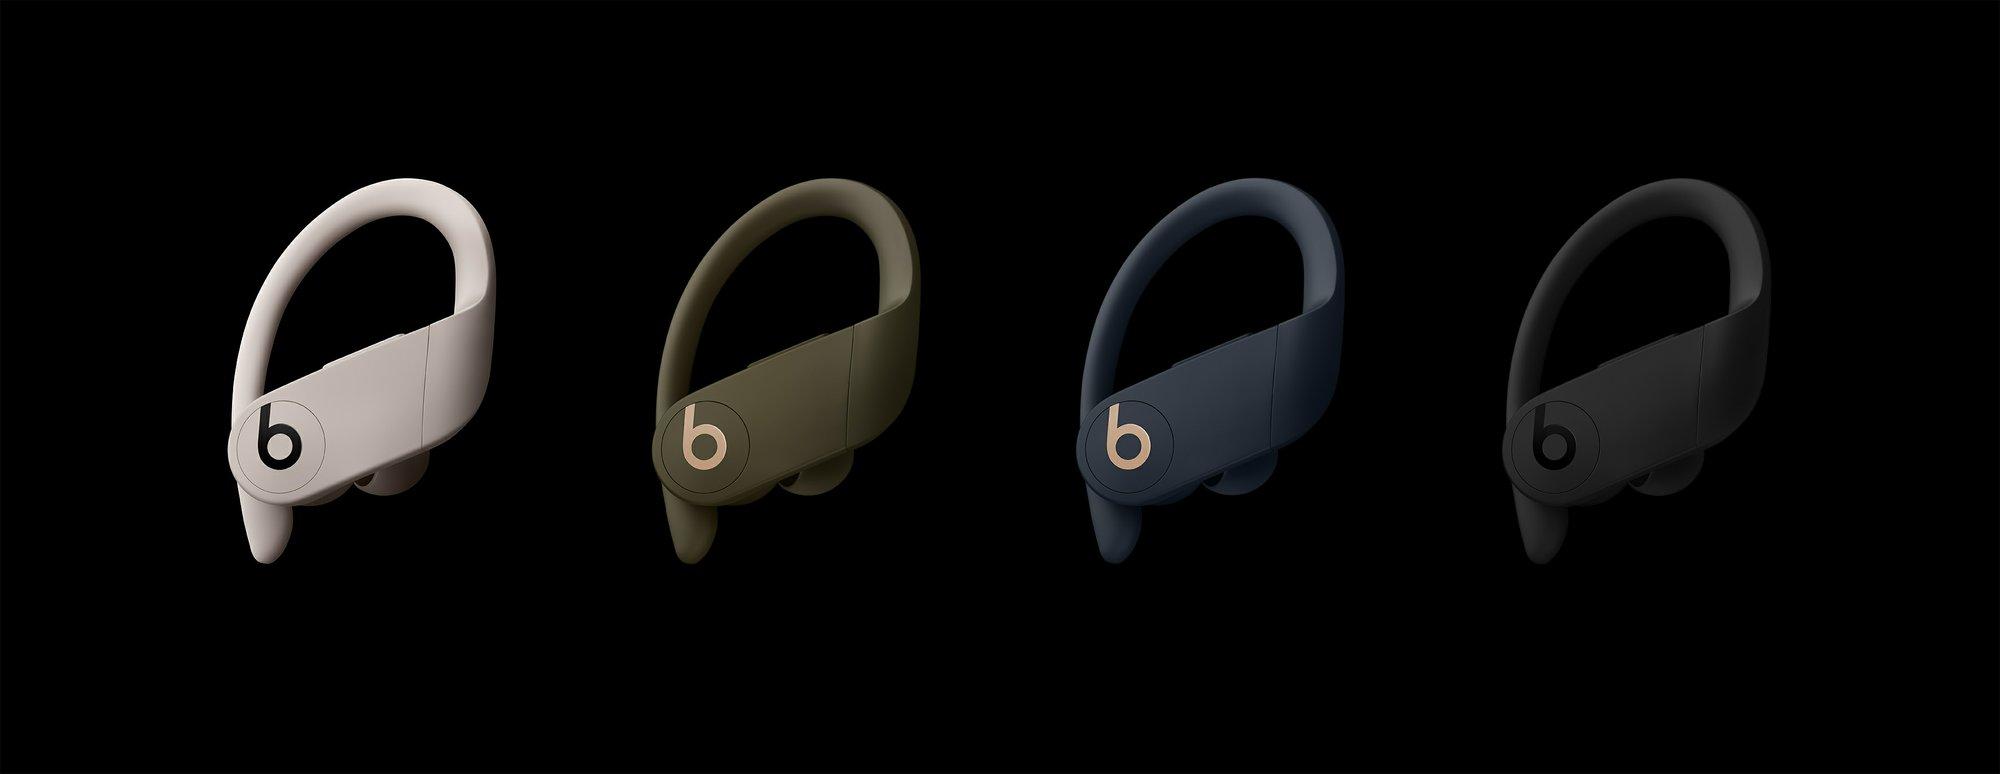 Beats by Dre avec Apple lance les nouveaux écouteurs sans fil Powerbeats Pro dans différents coloris